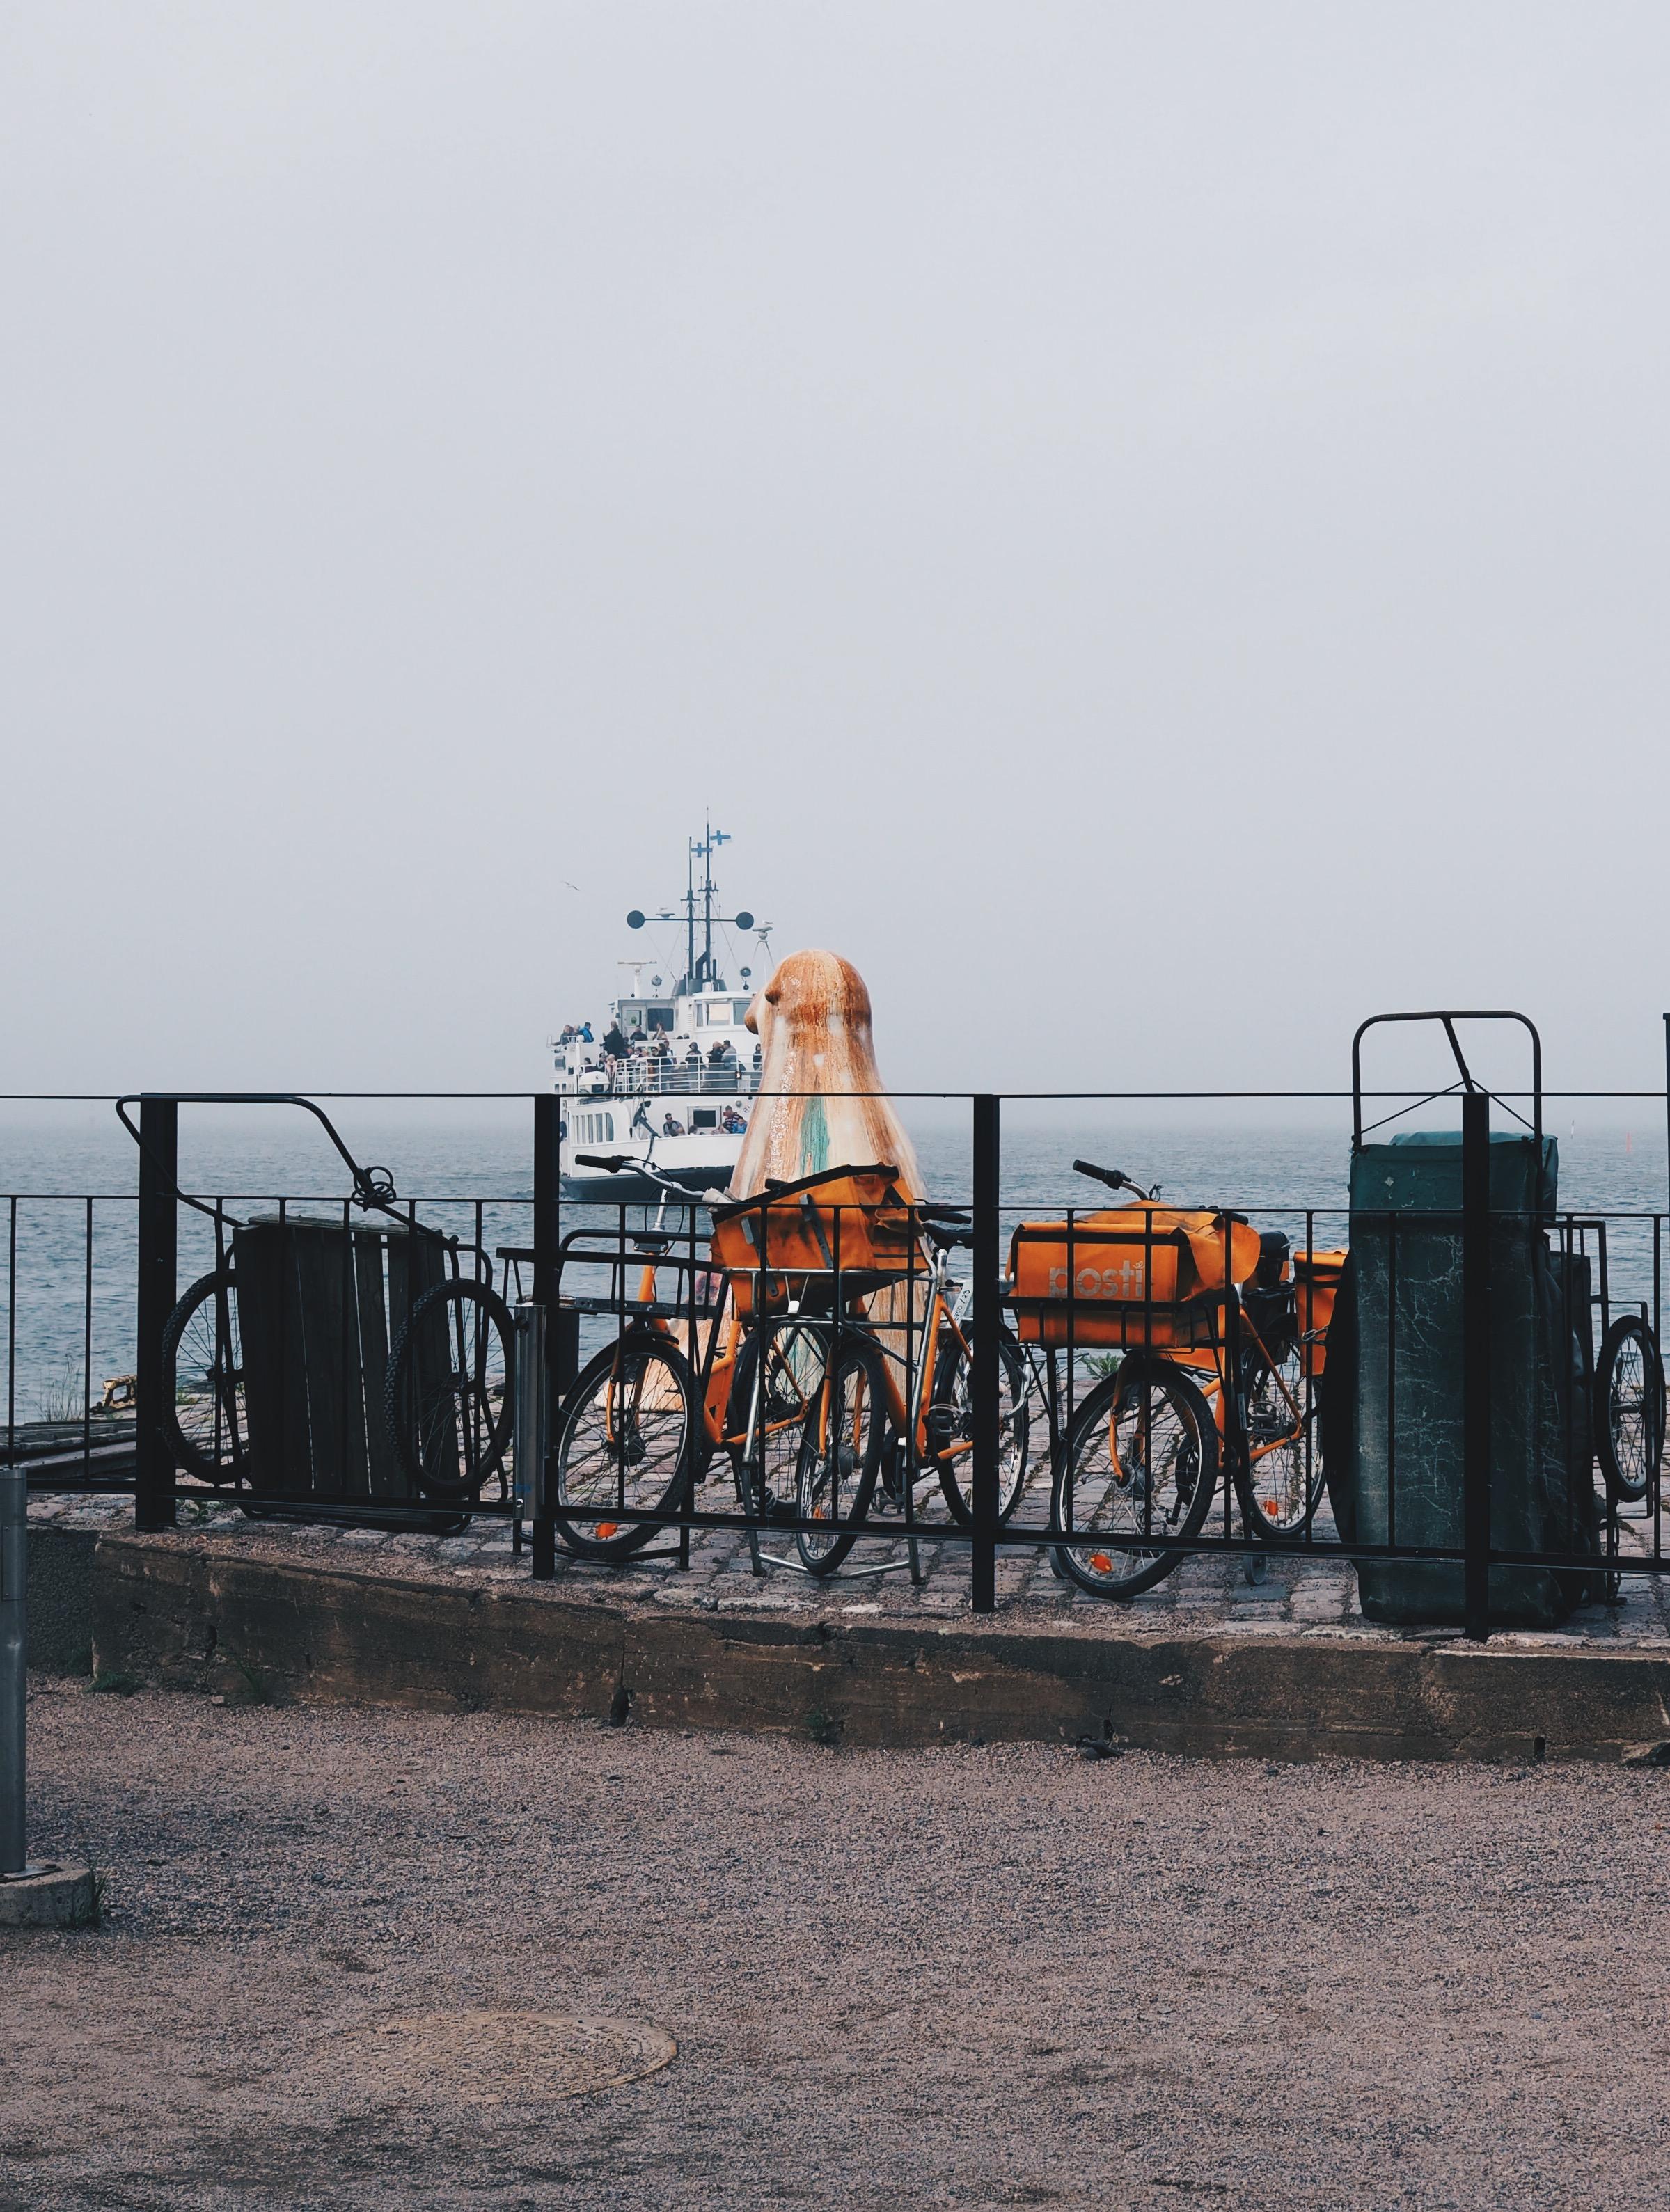 Ferry approaching Suomenlinna